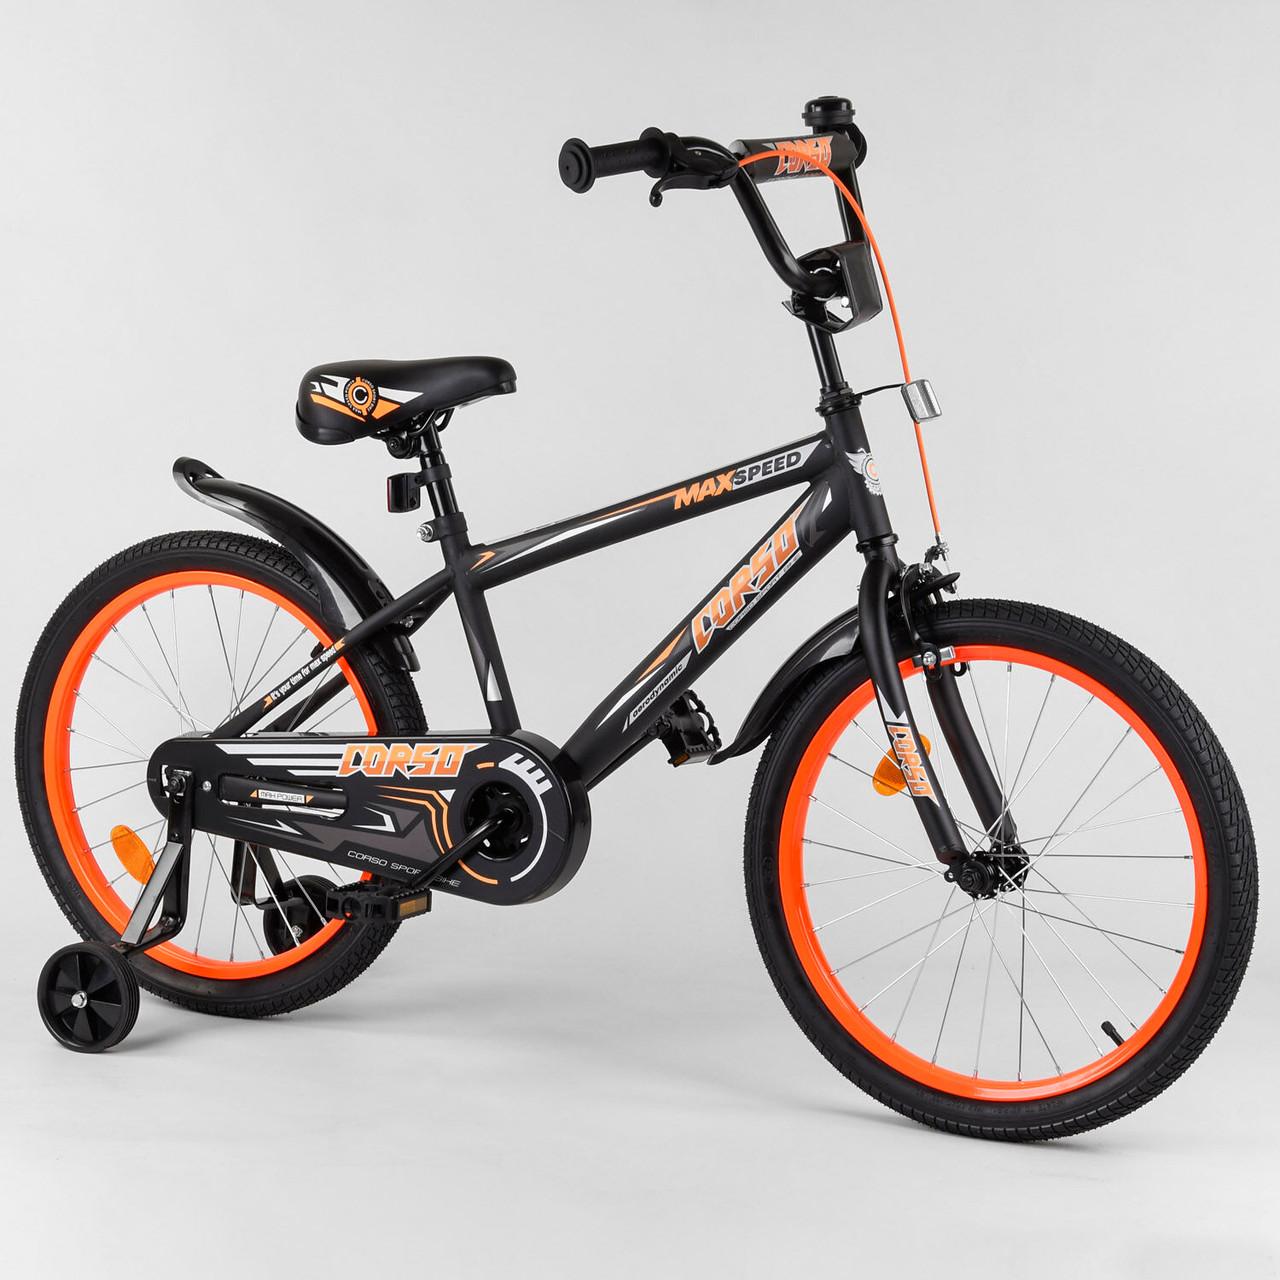 Велосипед дитячий для хлопчика дівчинки 7 8 9 років колеса 20 дюймів Corso EX-20 N 4588